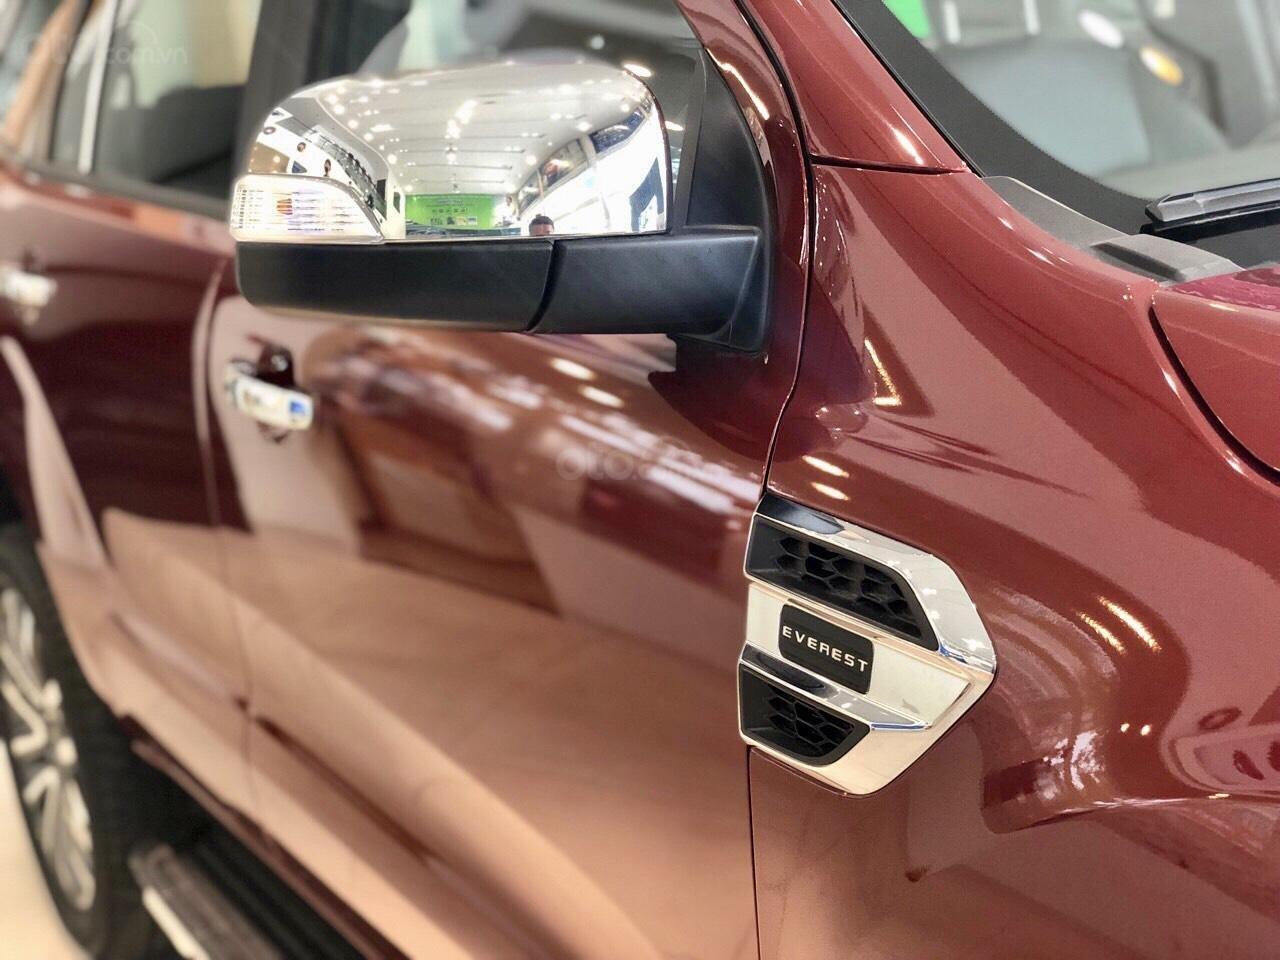 Ford Everest khuyến mãi khủng tặng kèm phụ kiện chính hãng (9)